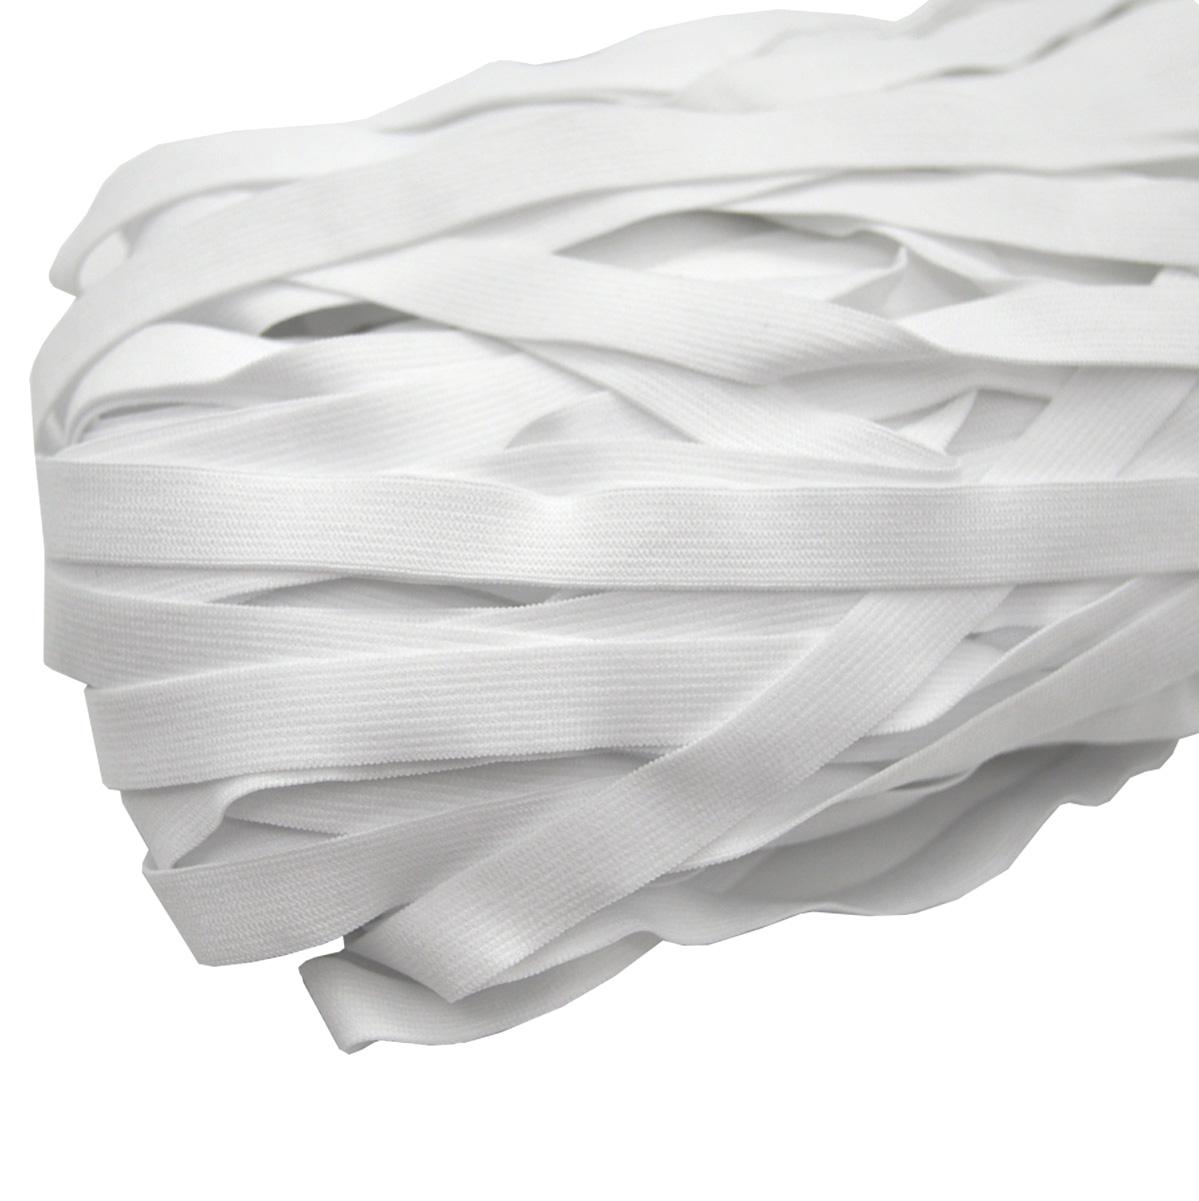 ST/21 эластичная отделочная лента 12мм*50м, белый